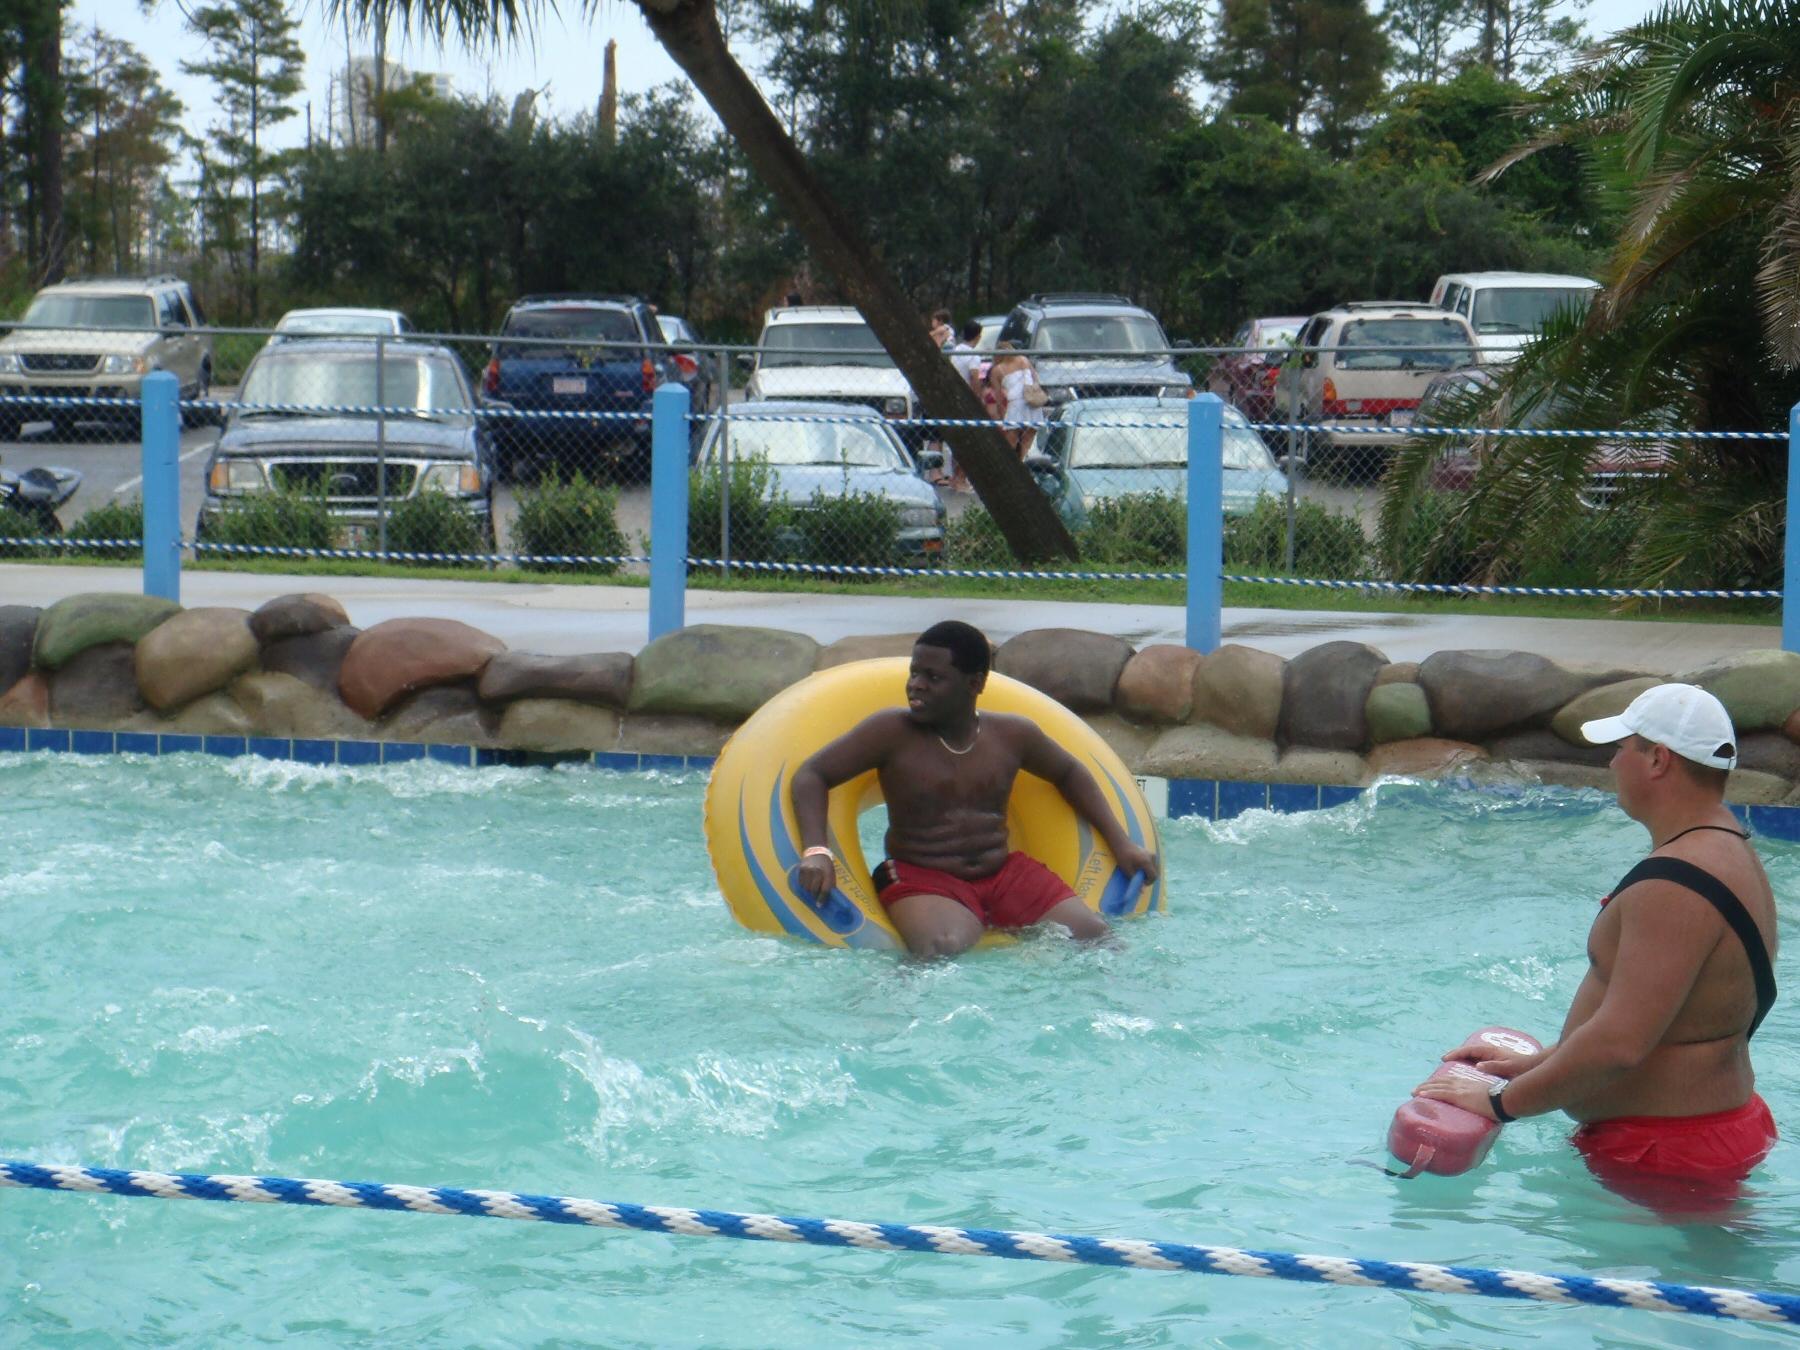 kid floating on raft in pool